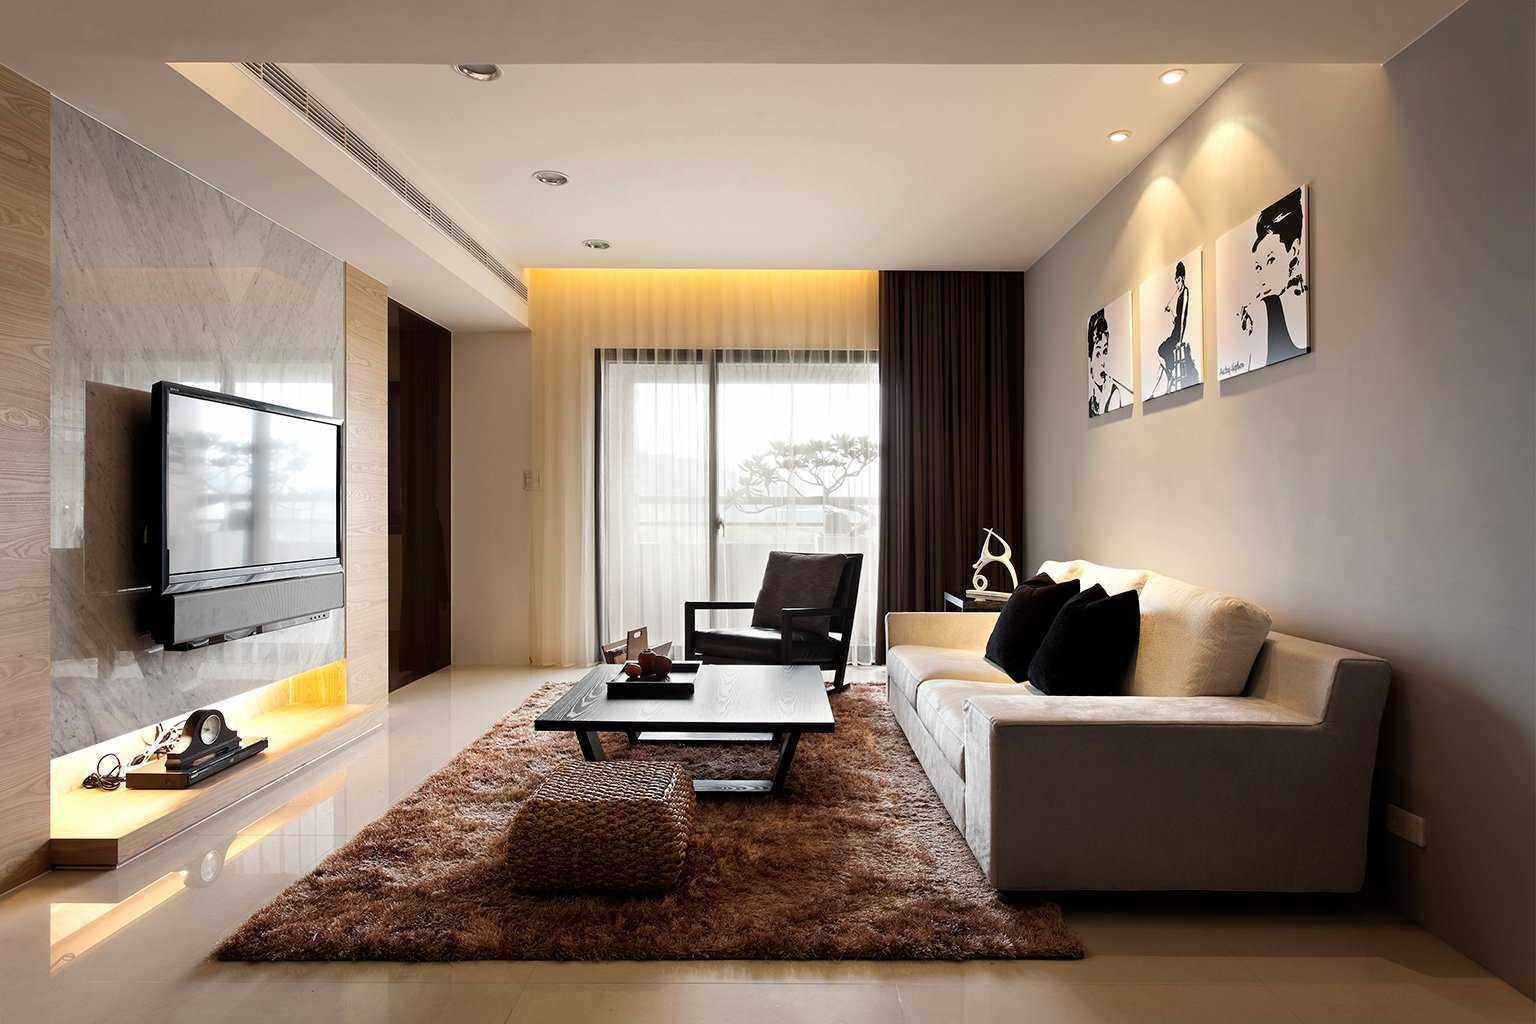 phiên bản phong cách đẹp của phòng khách 19-20 m2